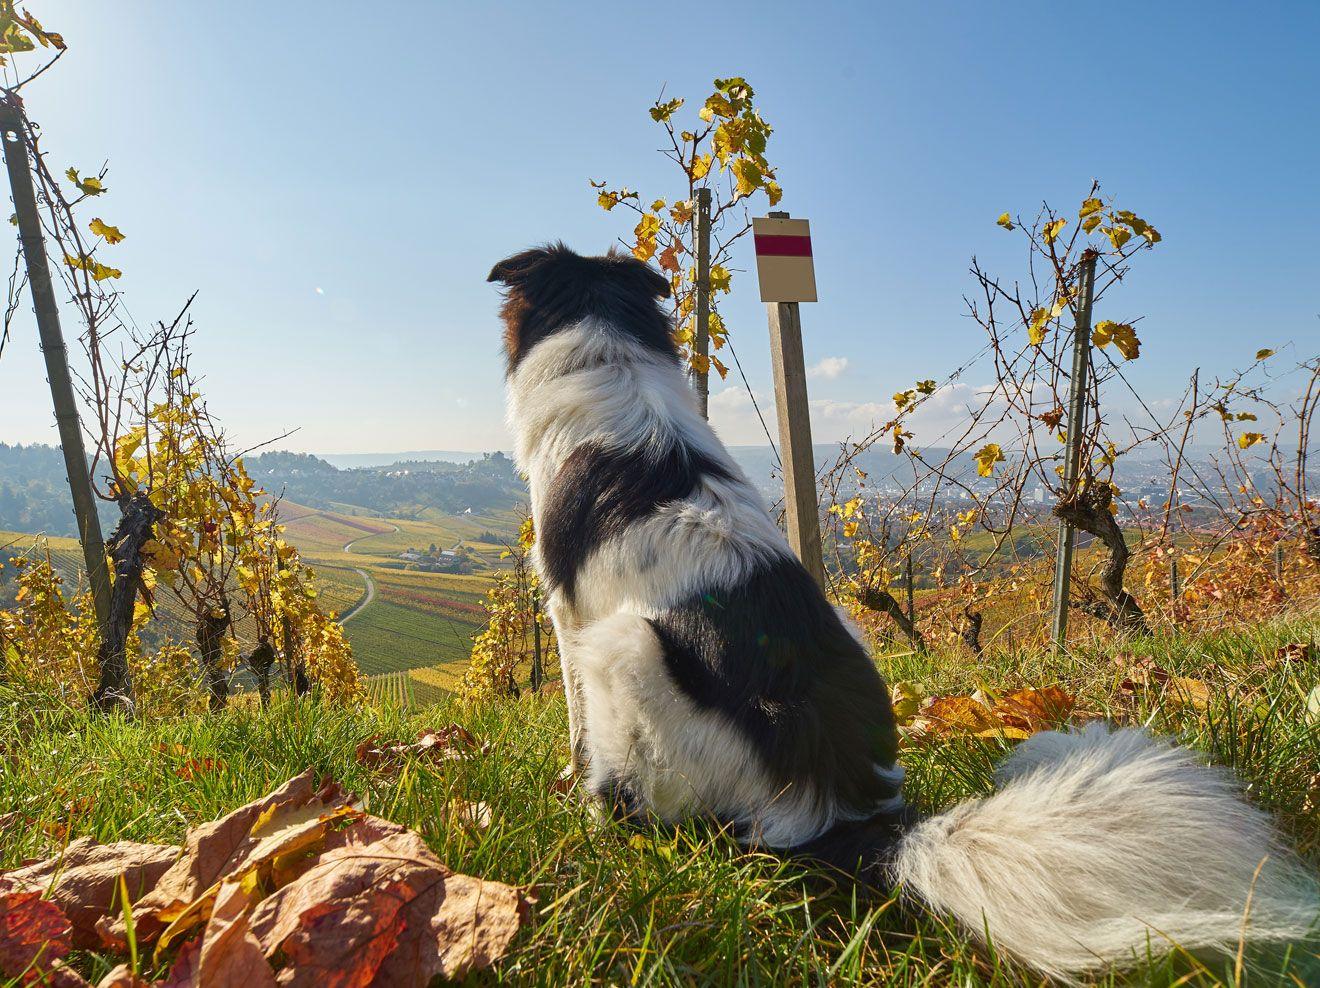 Wanderurlaub Mit Hund Das Sind Die Schonsten Touren Wanderurlaub Mit Hund